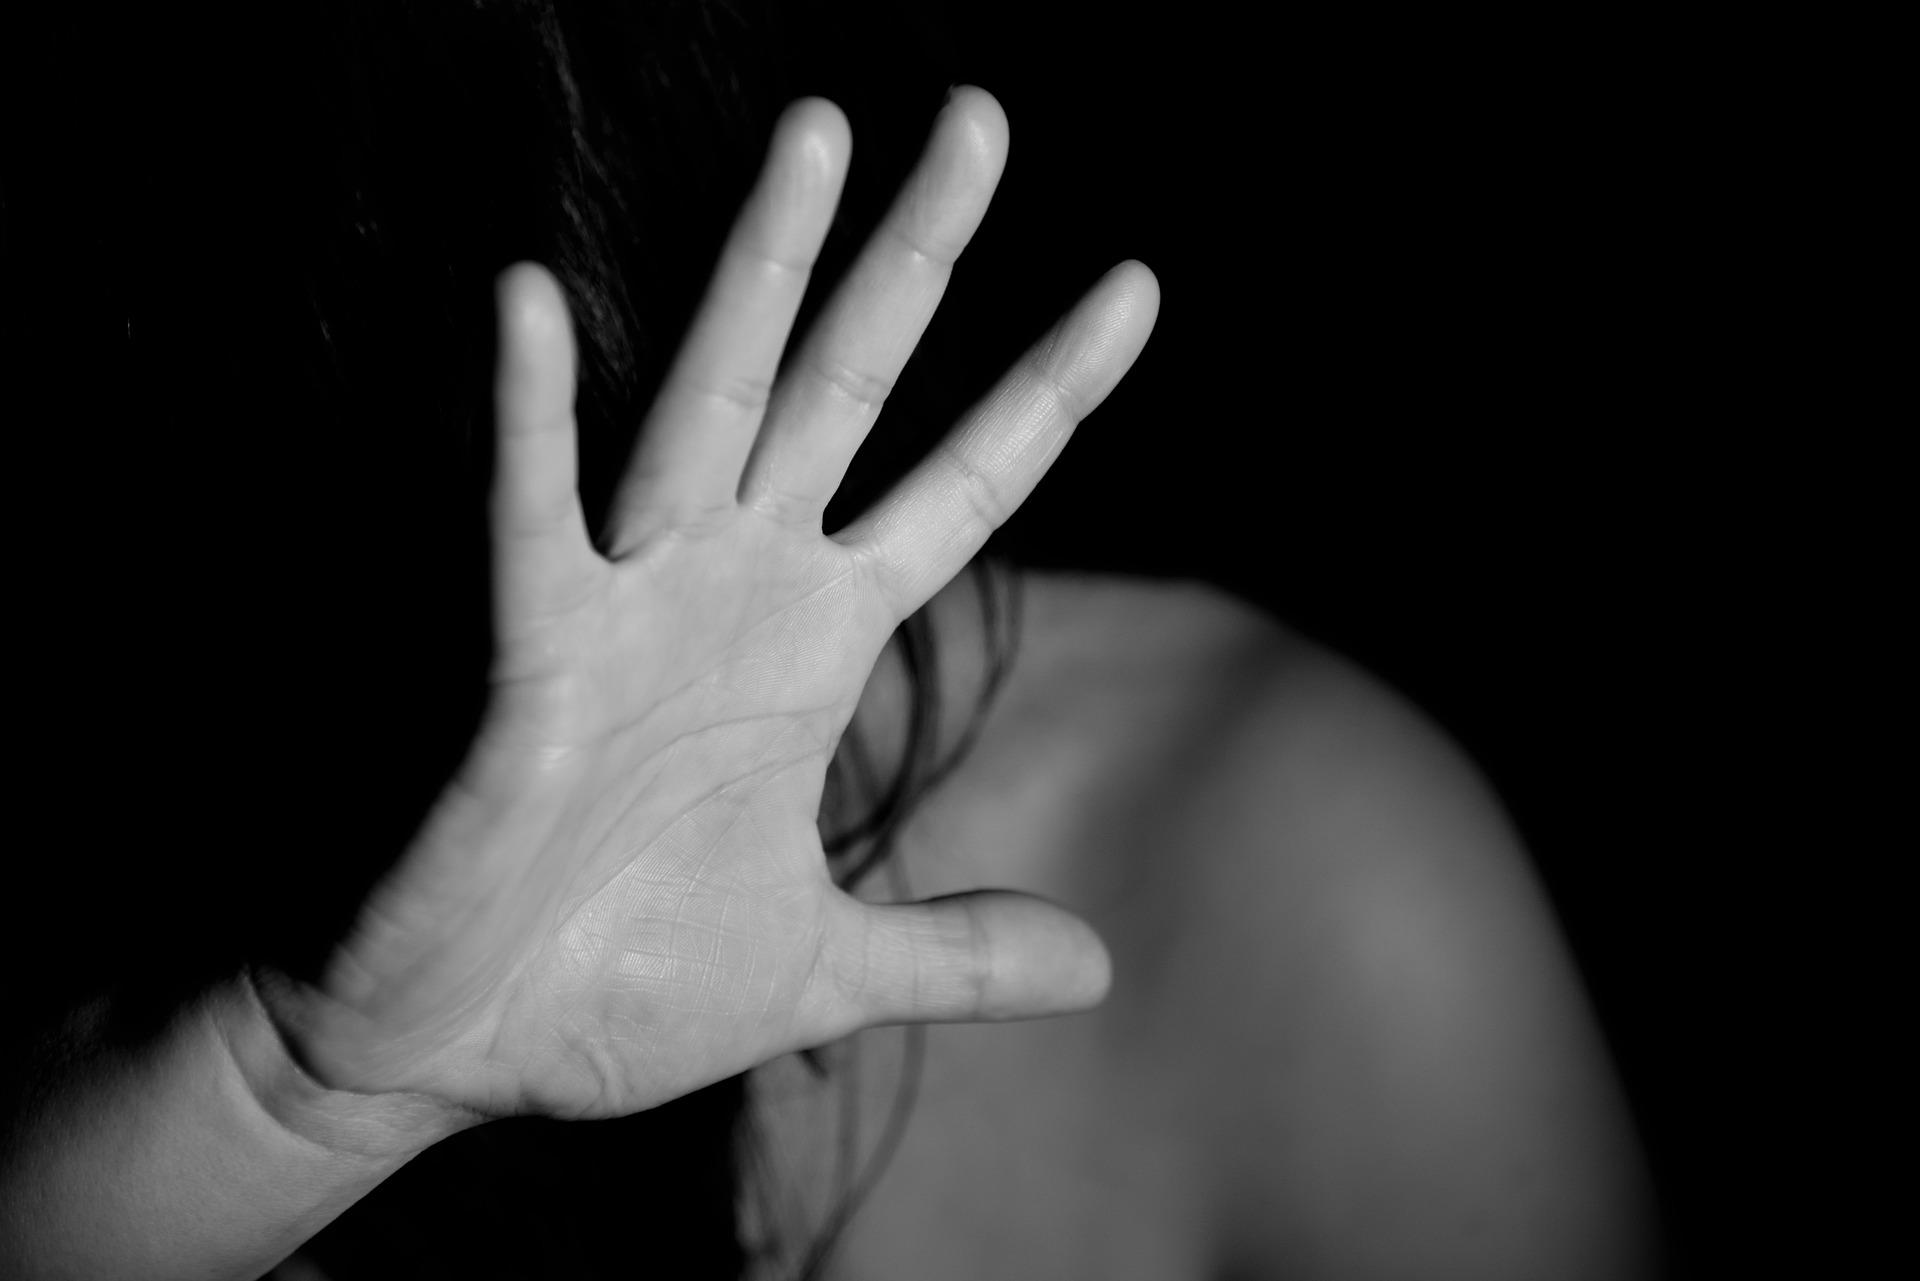 przemoc wobec kobiet